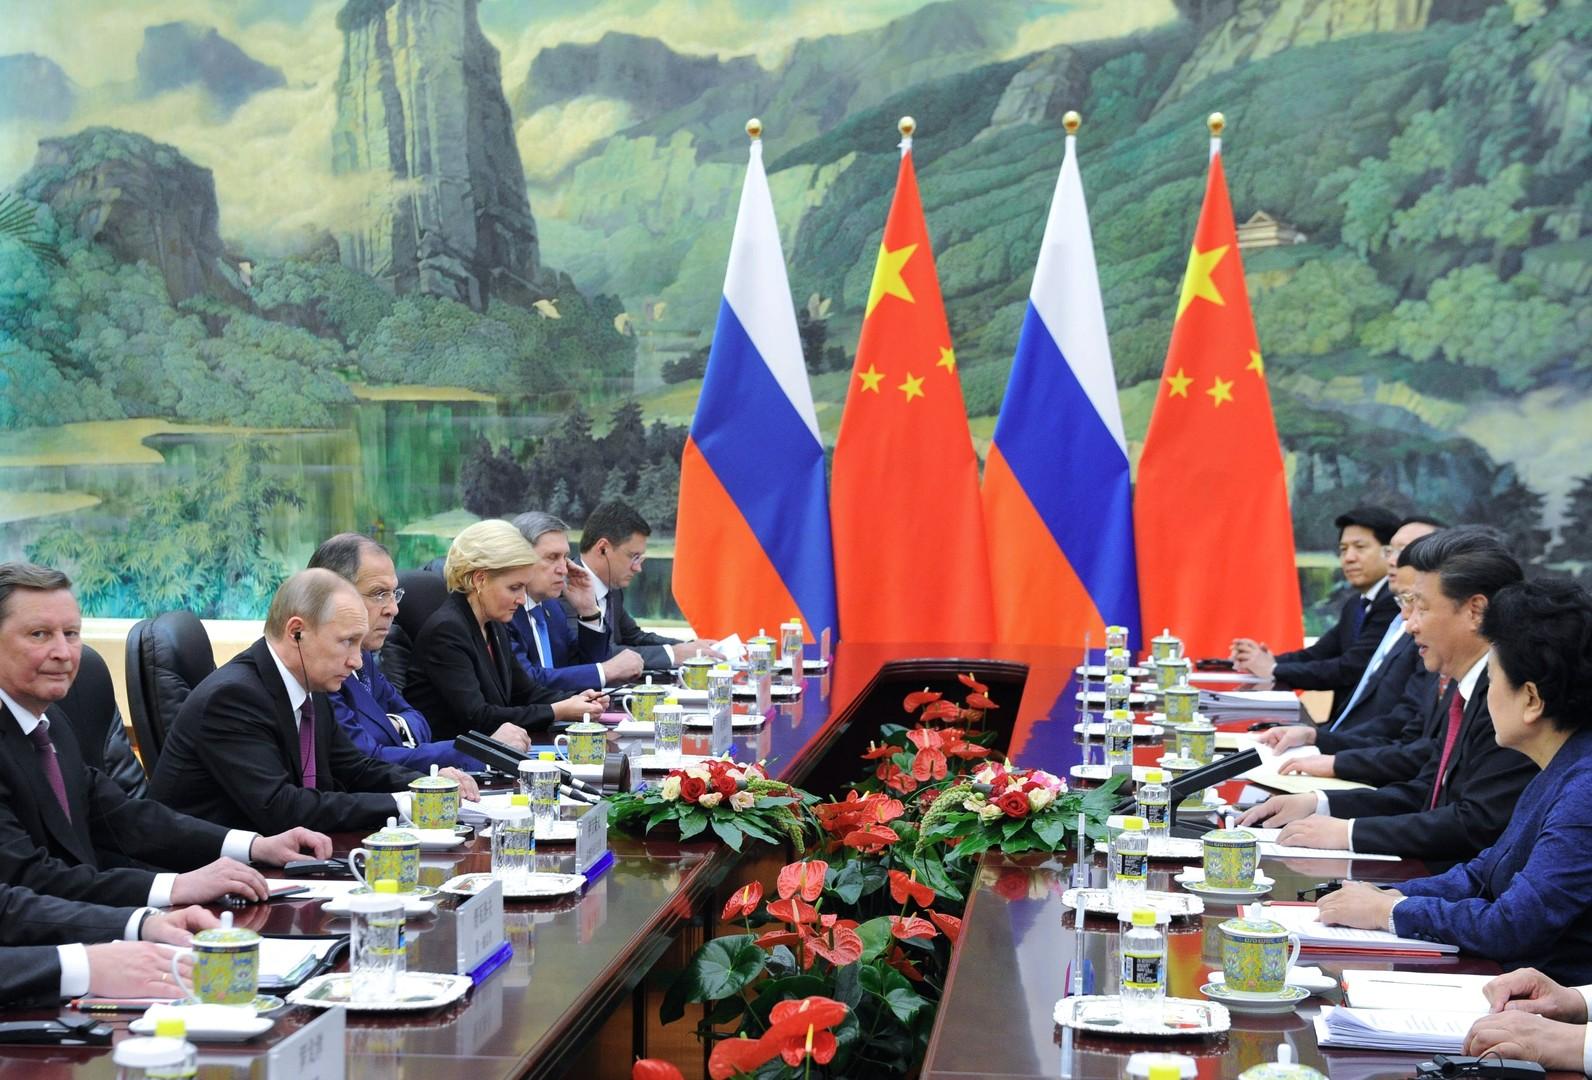 """Peking zu Bedenken bezüglich russisch-chinesischer Zusammenarbeit: """"Westen hat schwache Nerven"""""""